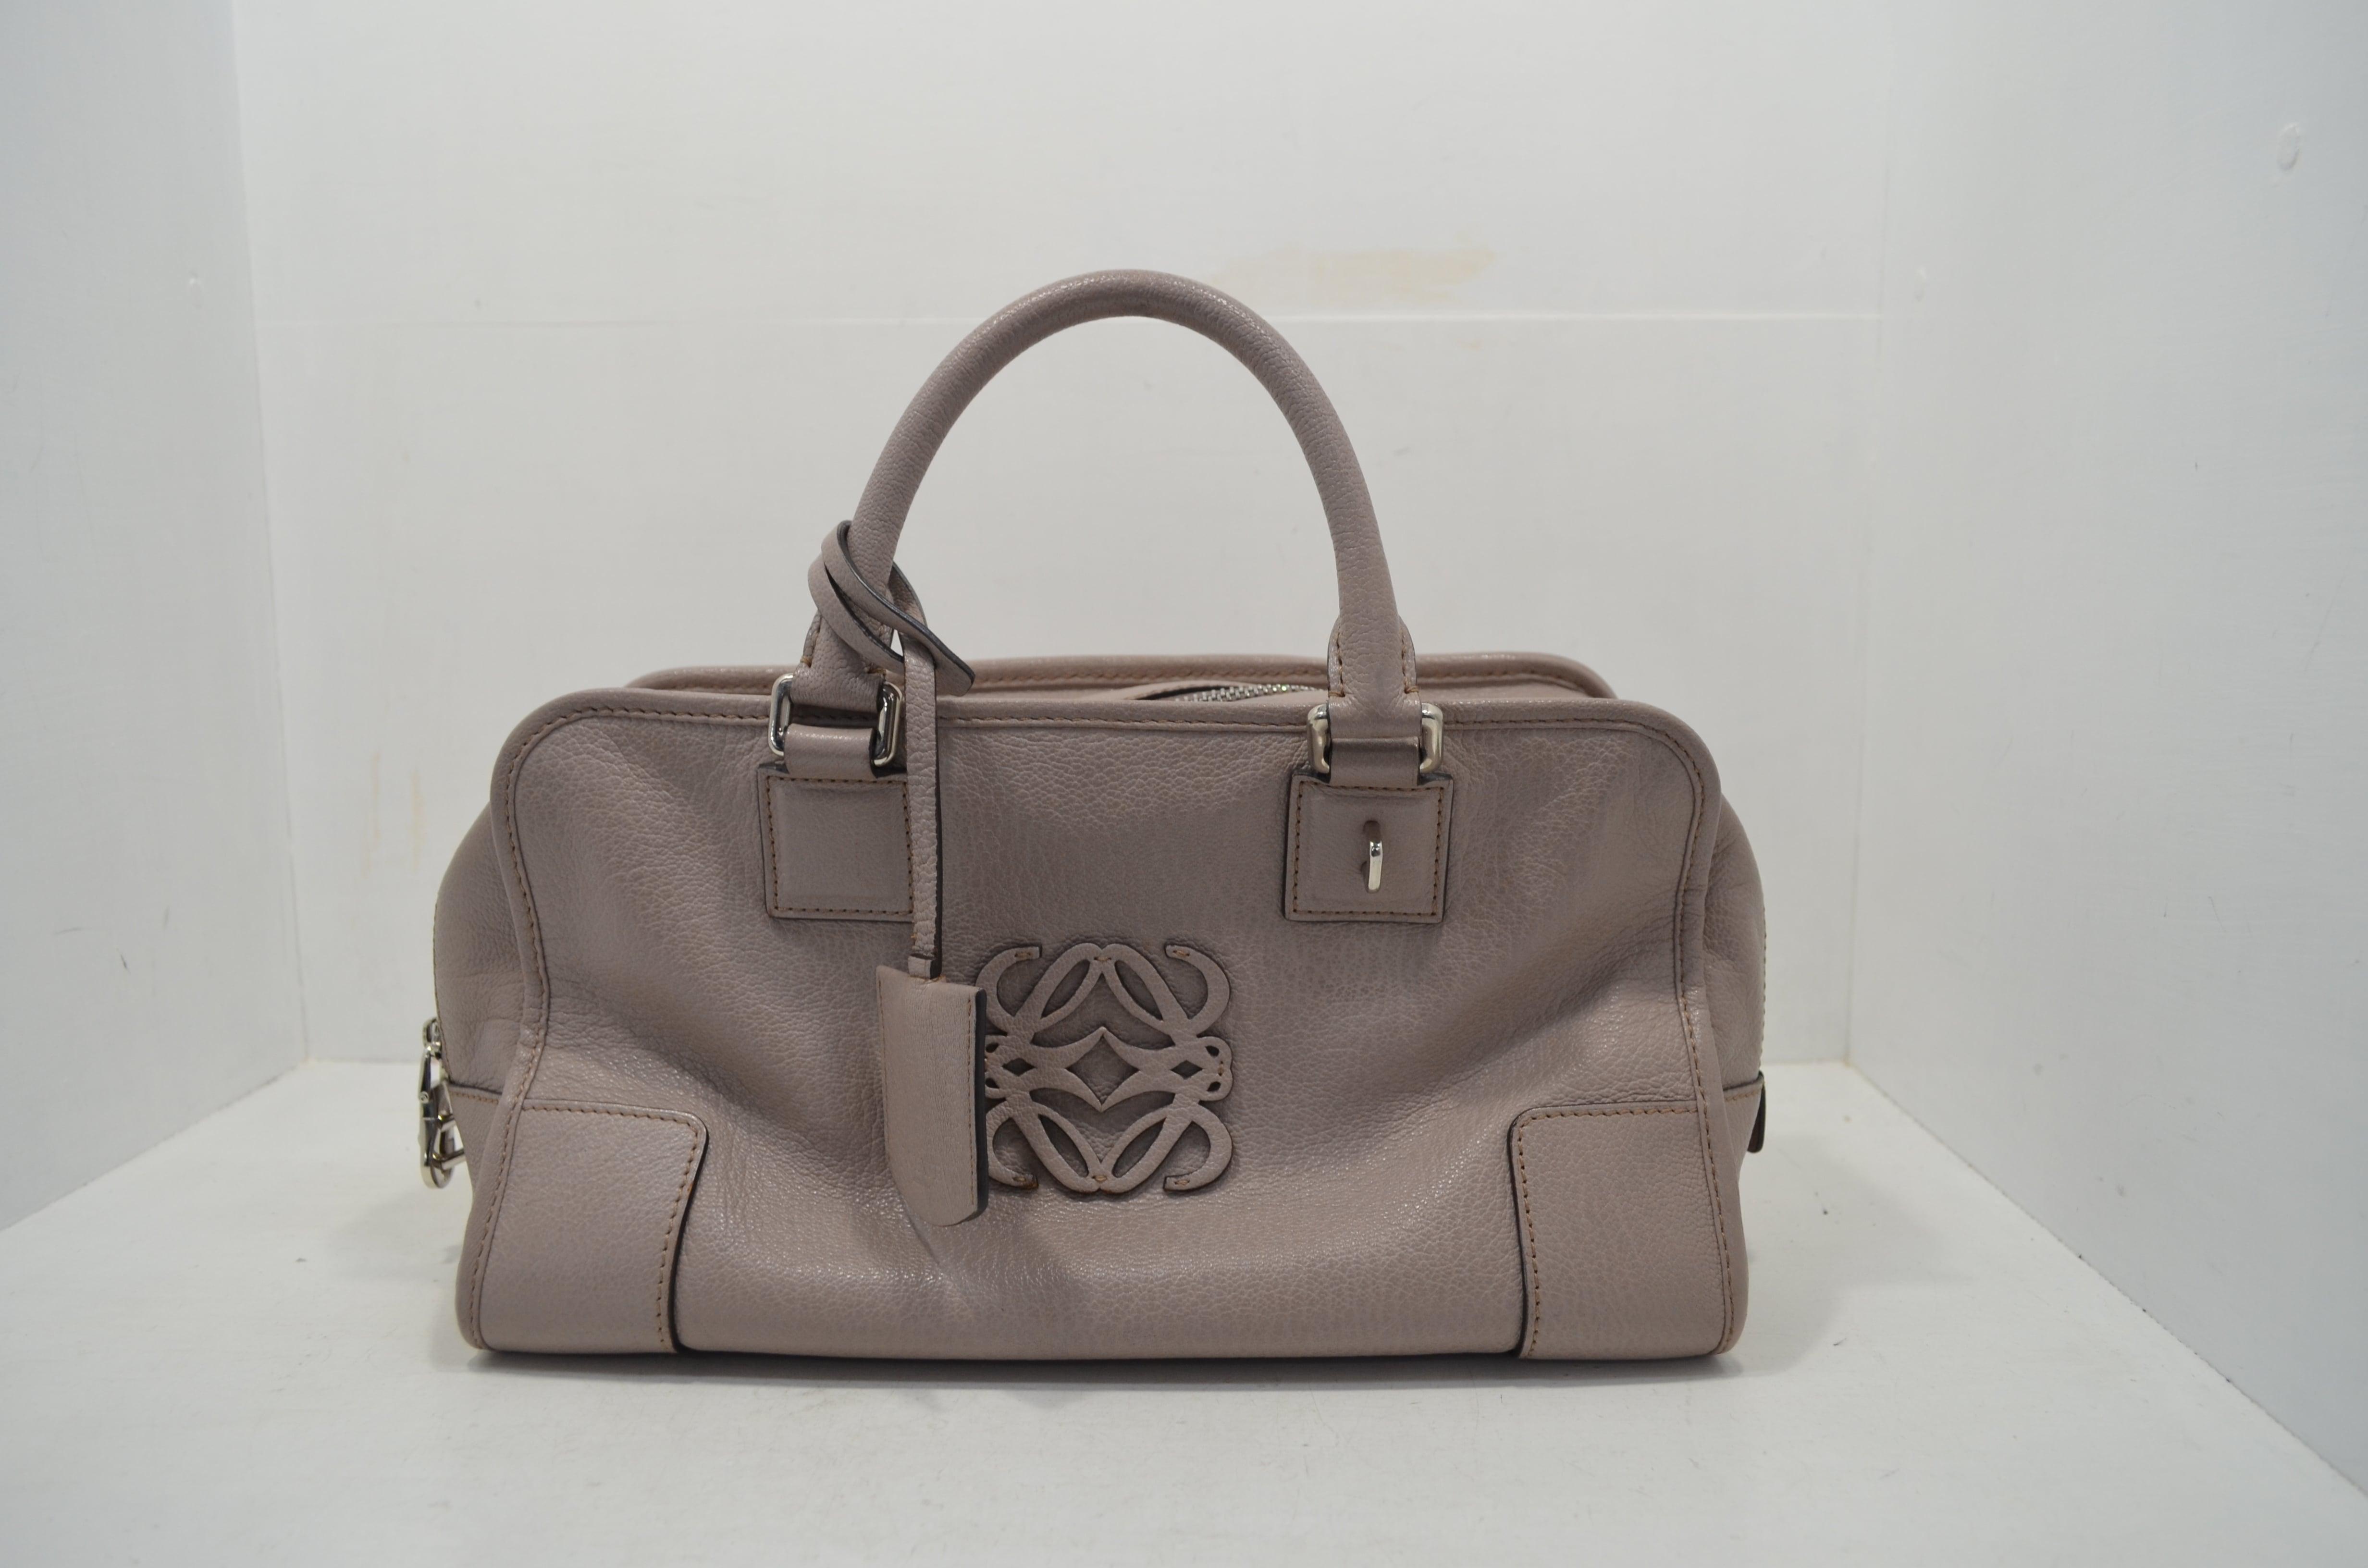 ロエベloeweの鞄(バッグ)のクリーニング・補色の作業後